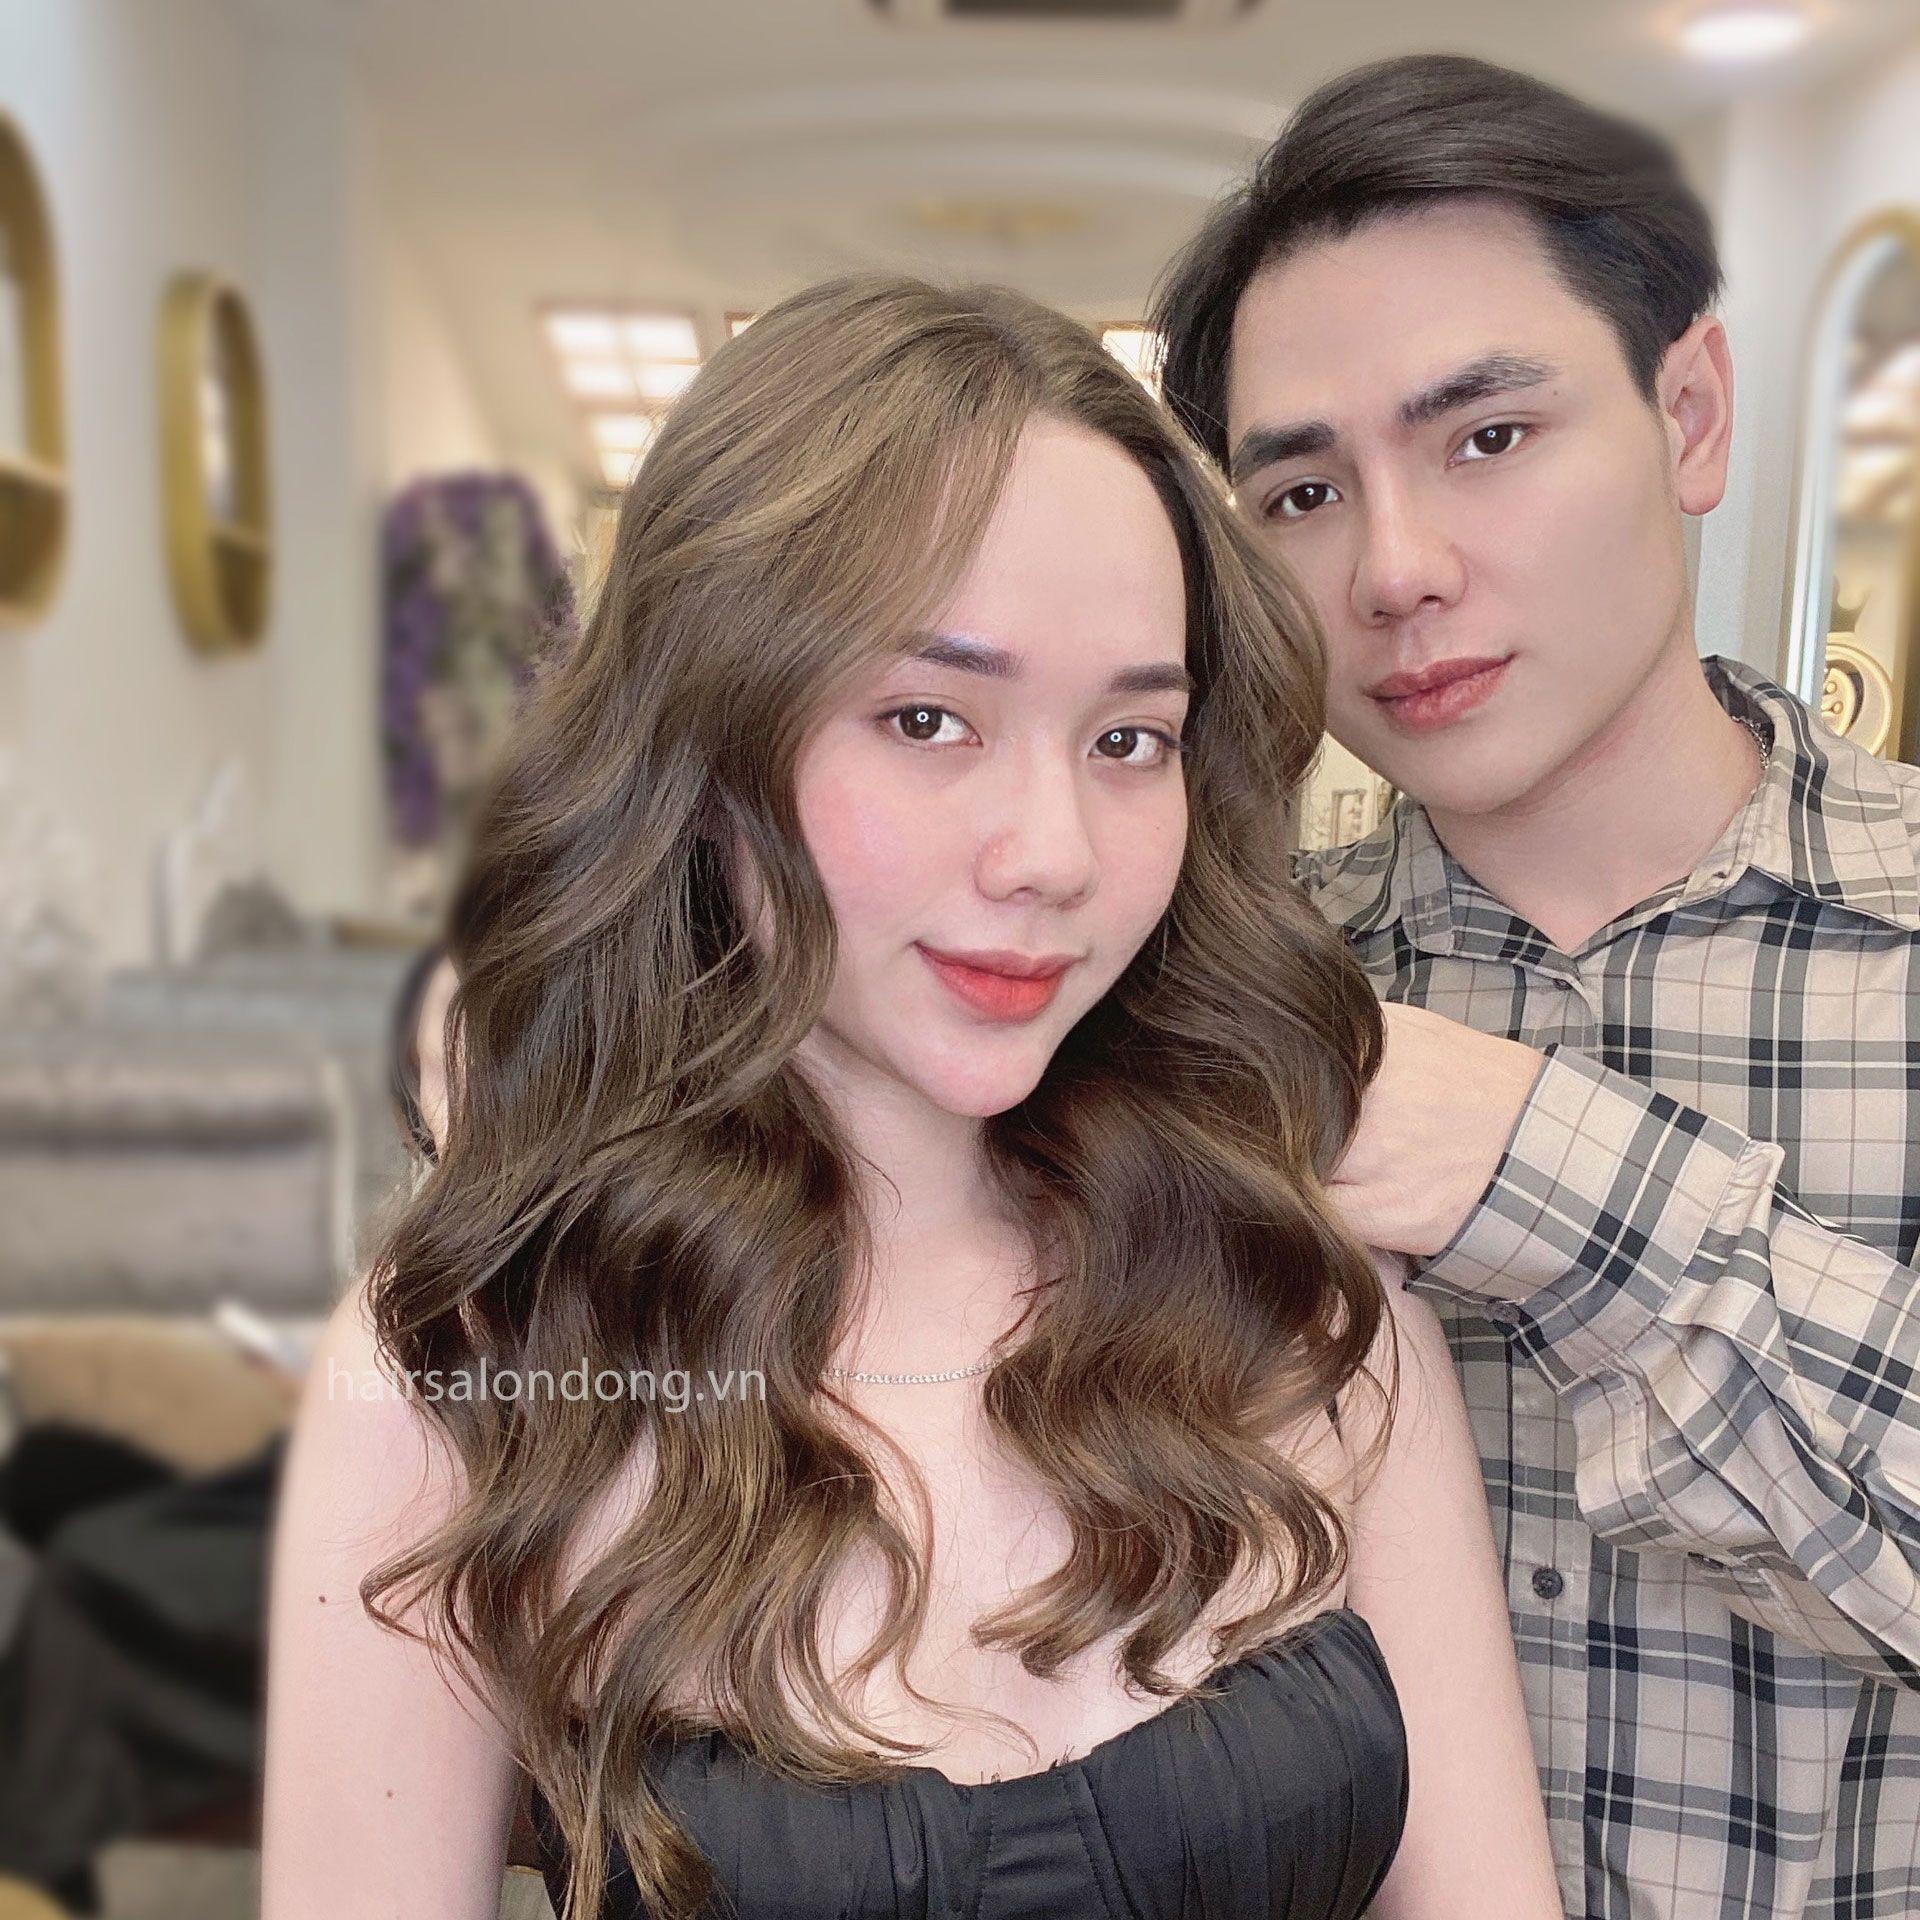 Tính em không thích lòng vòng Muốn nhuộm tóc đẹp phải tới Đồng Salon